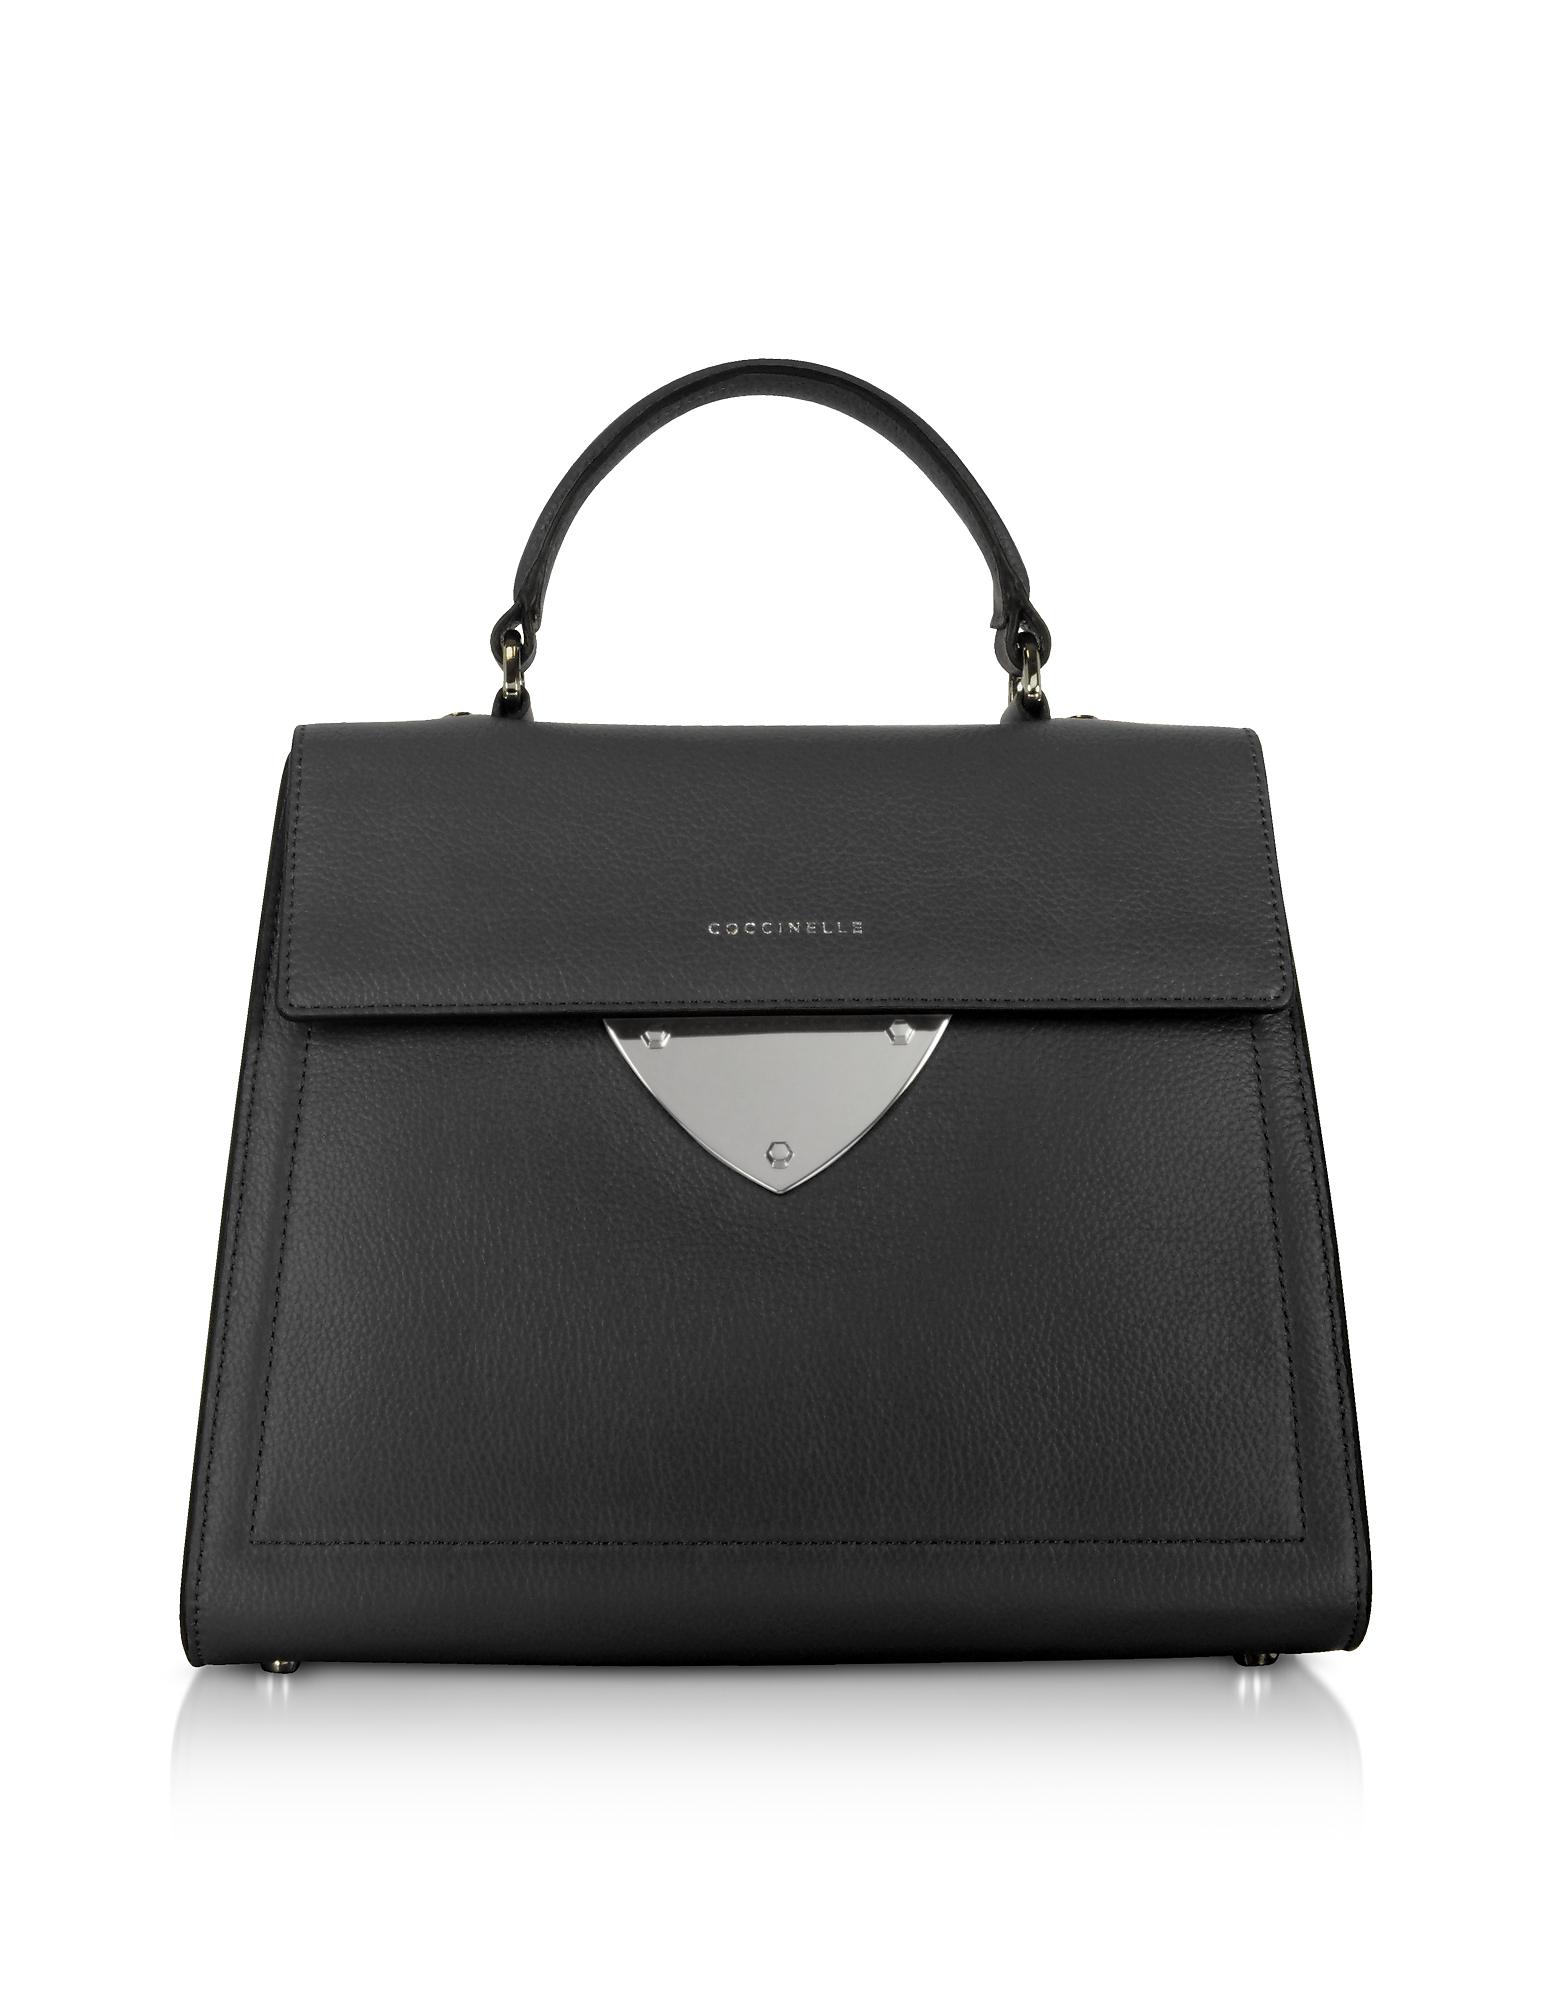 Image of Coccinelle Designer Handbags, B14 Leather Satchel Bag